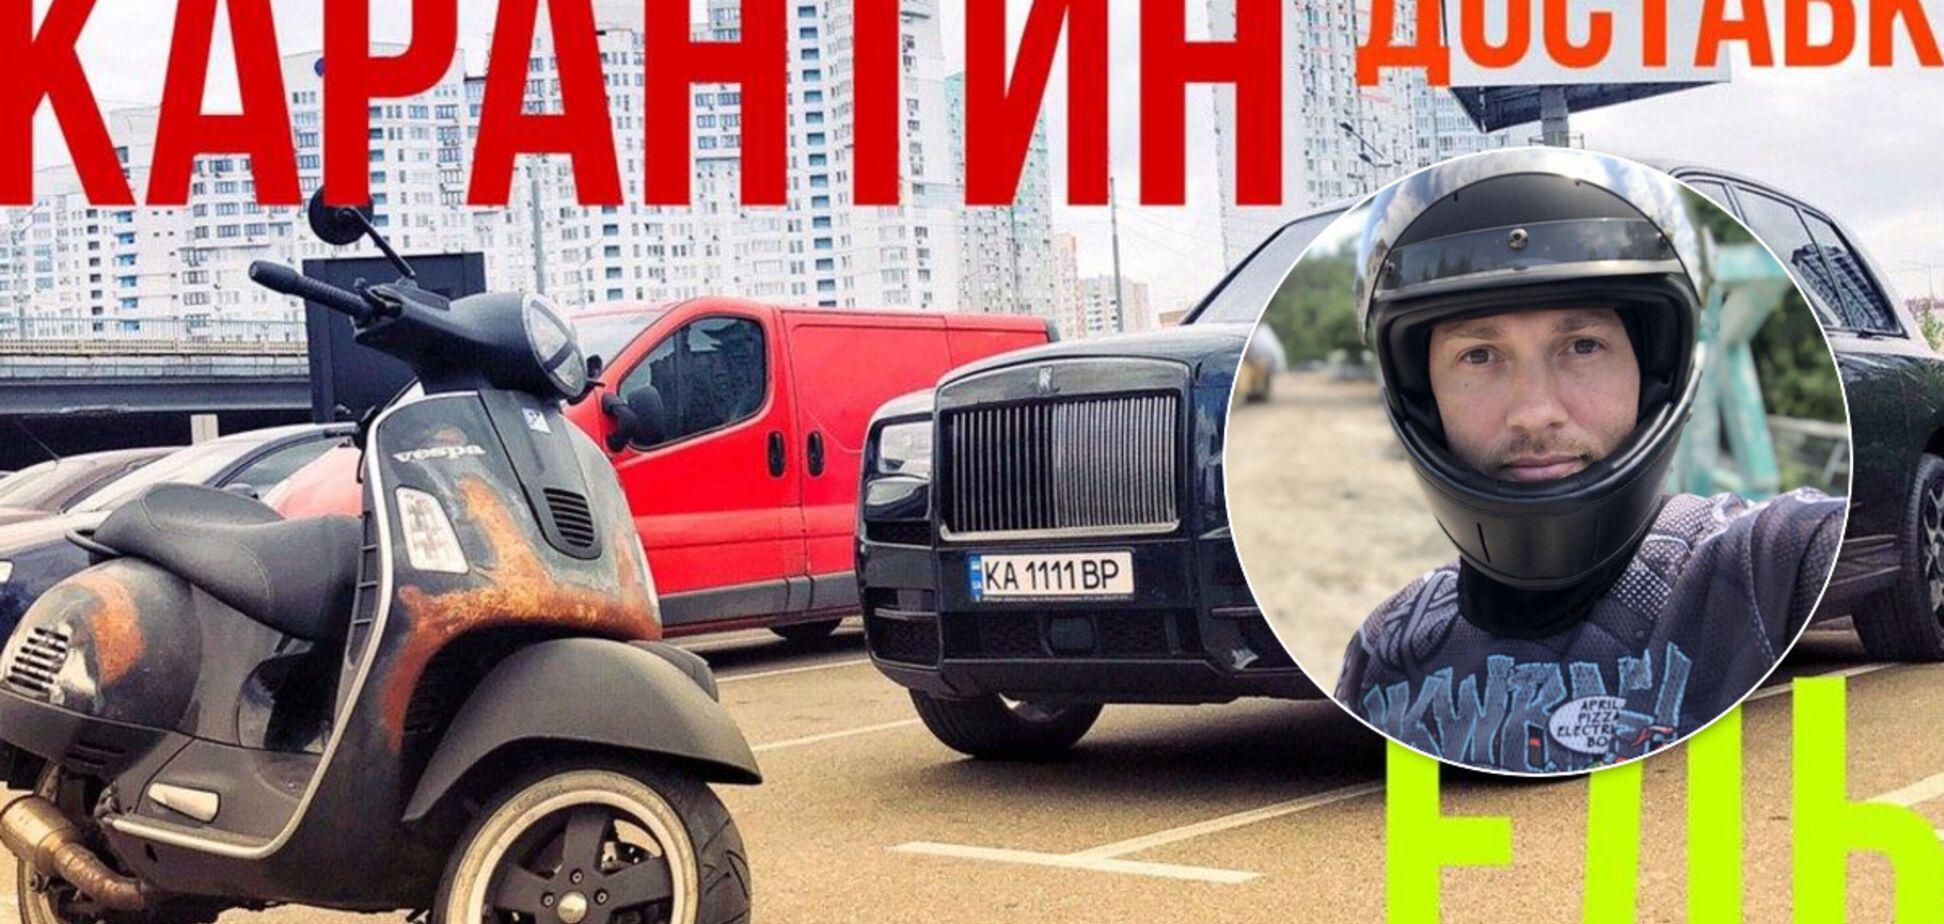 Президент Федерації баскетболу Києва Макс Сергєєв через коронавiрус влаштувався працювати кур'єром